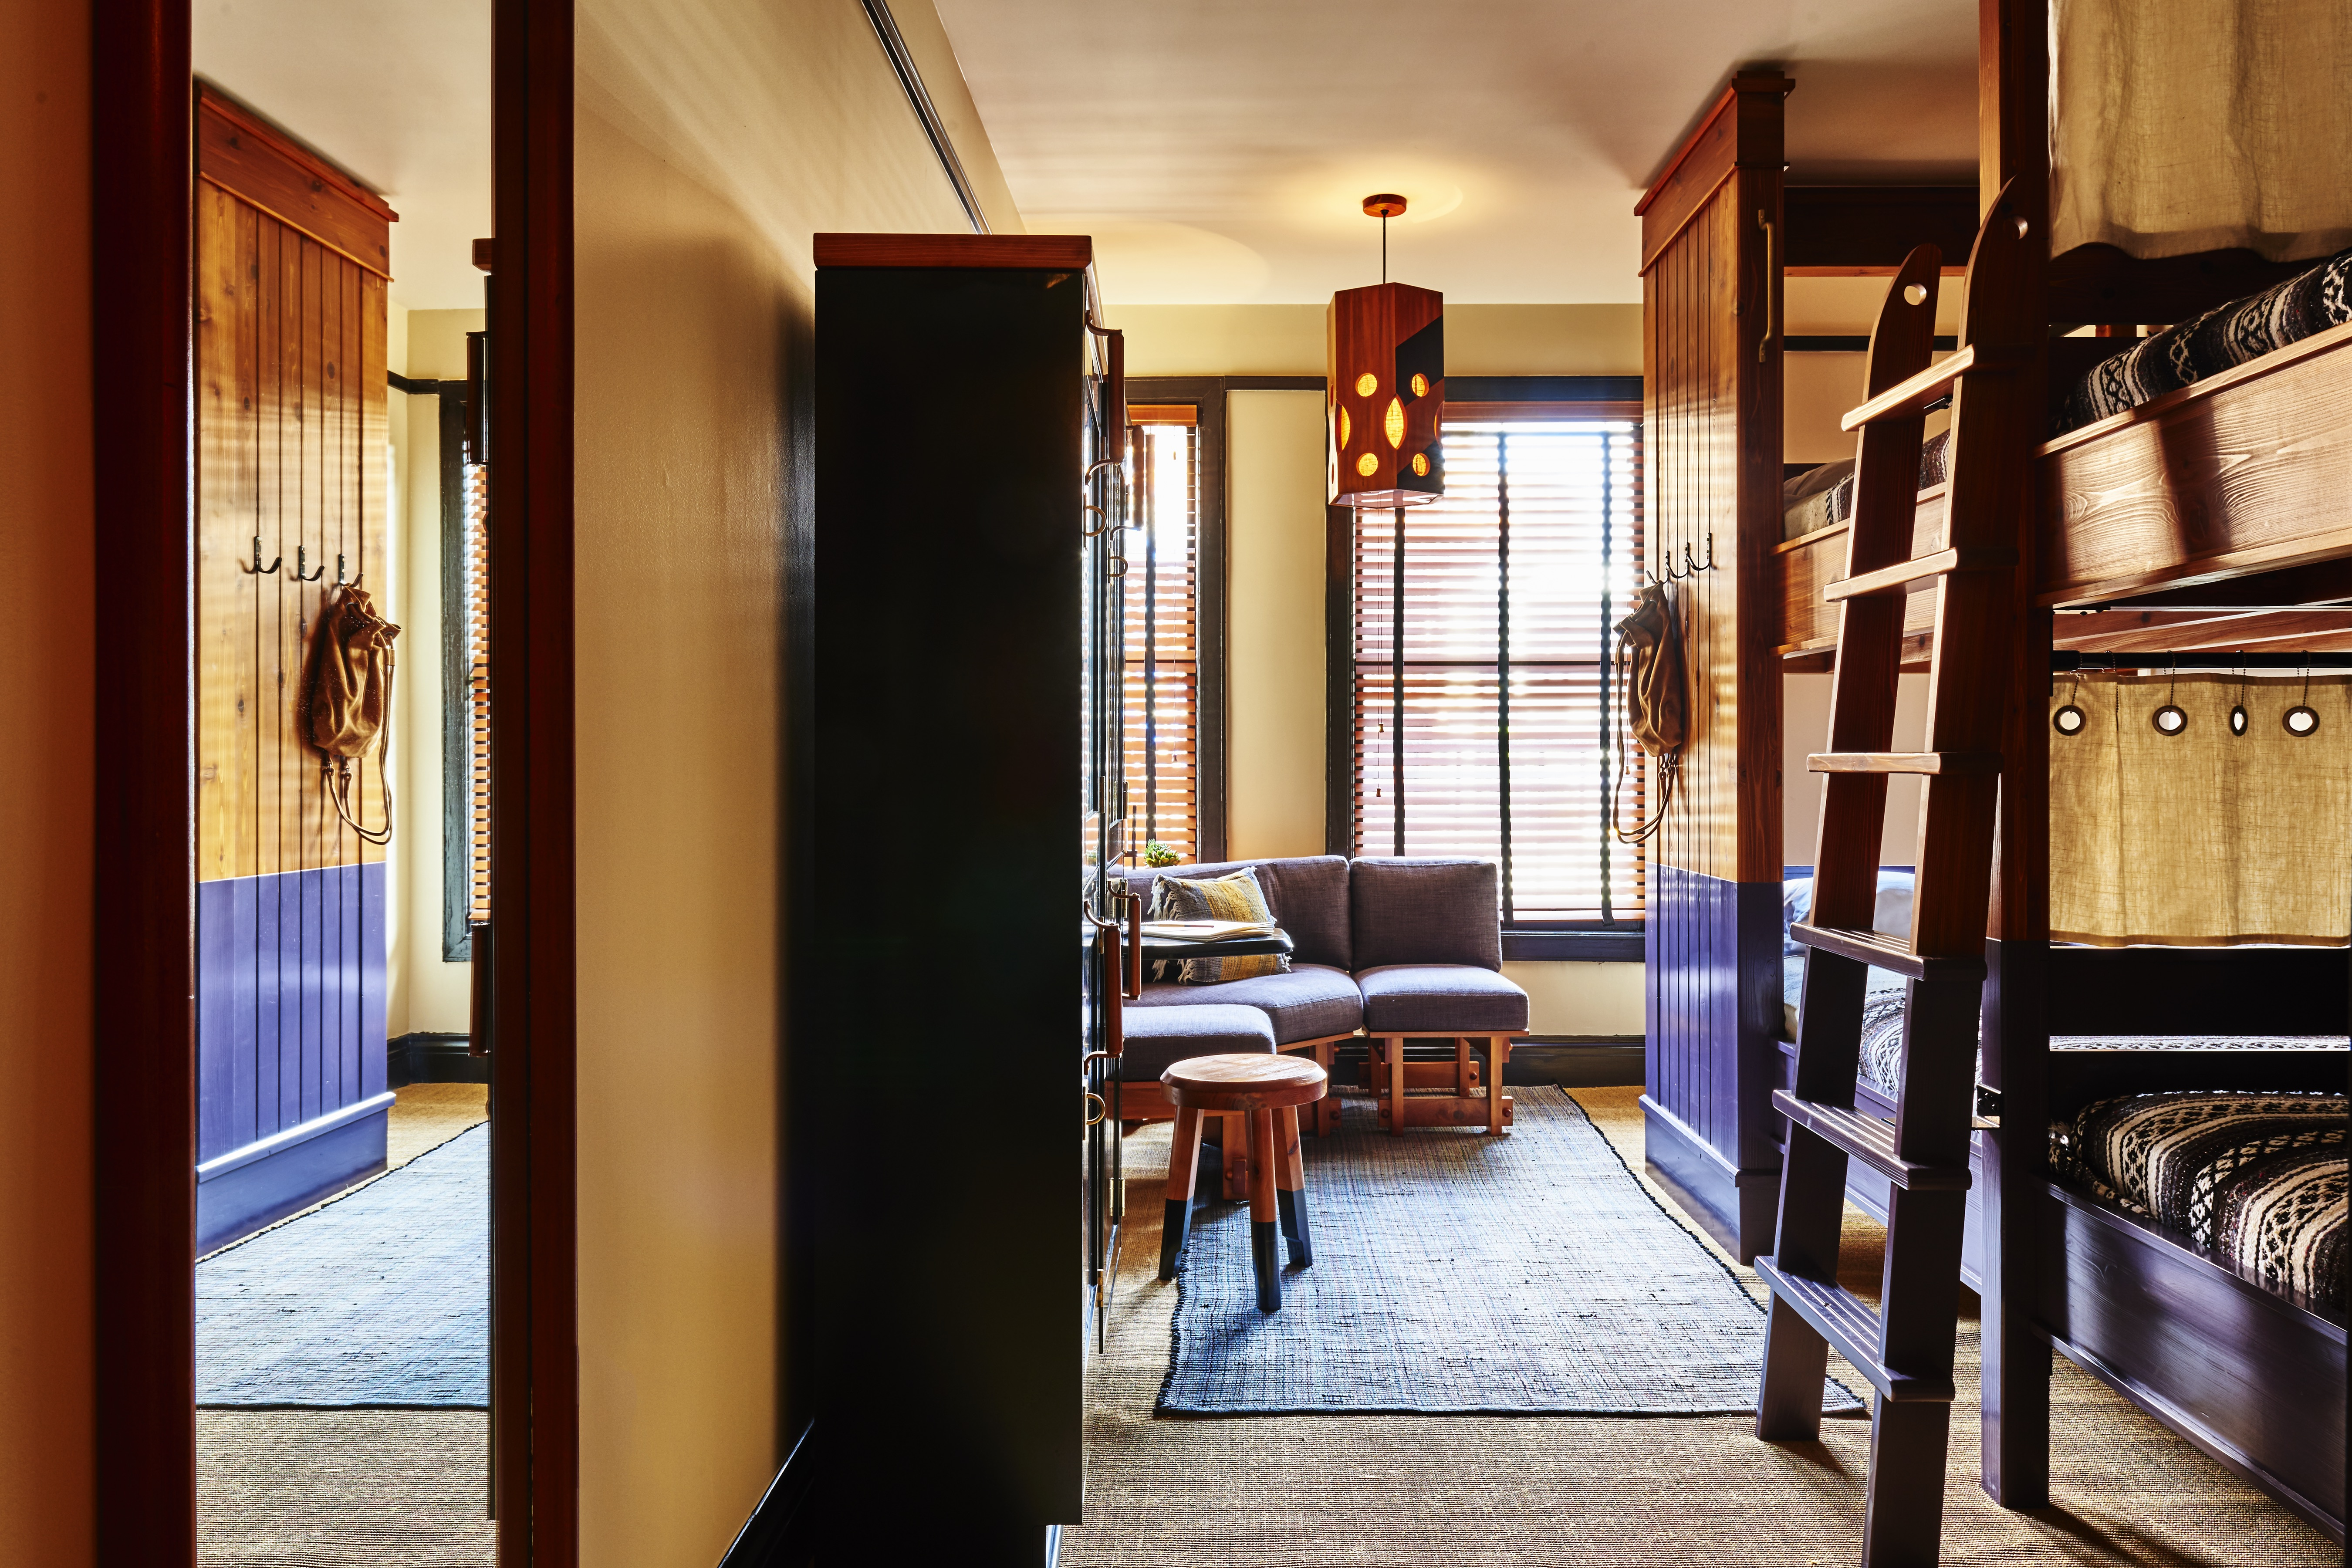 Quad Hotel Rooms Venice Italy